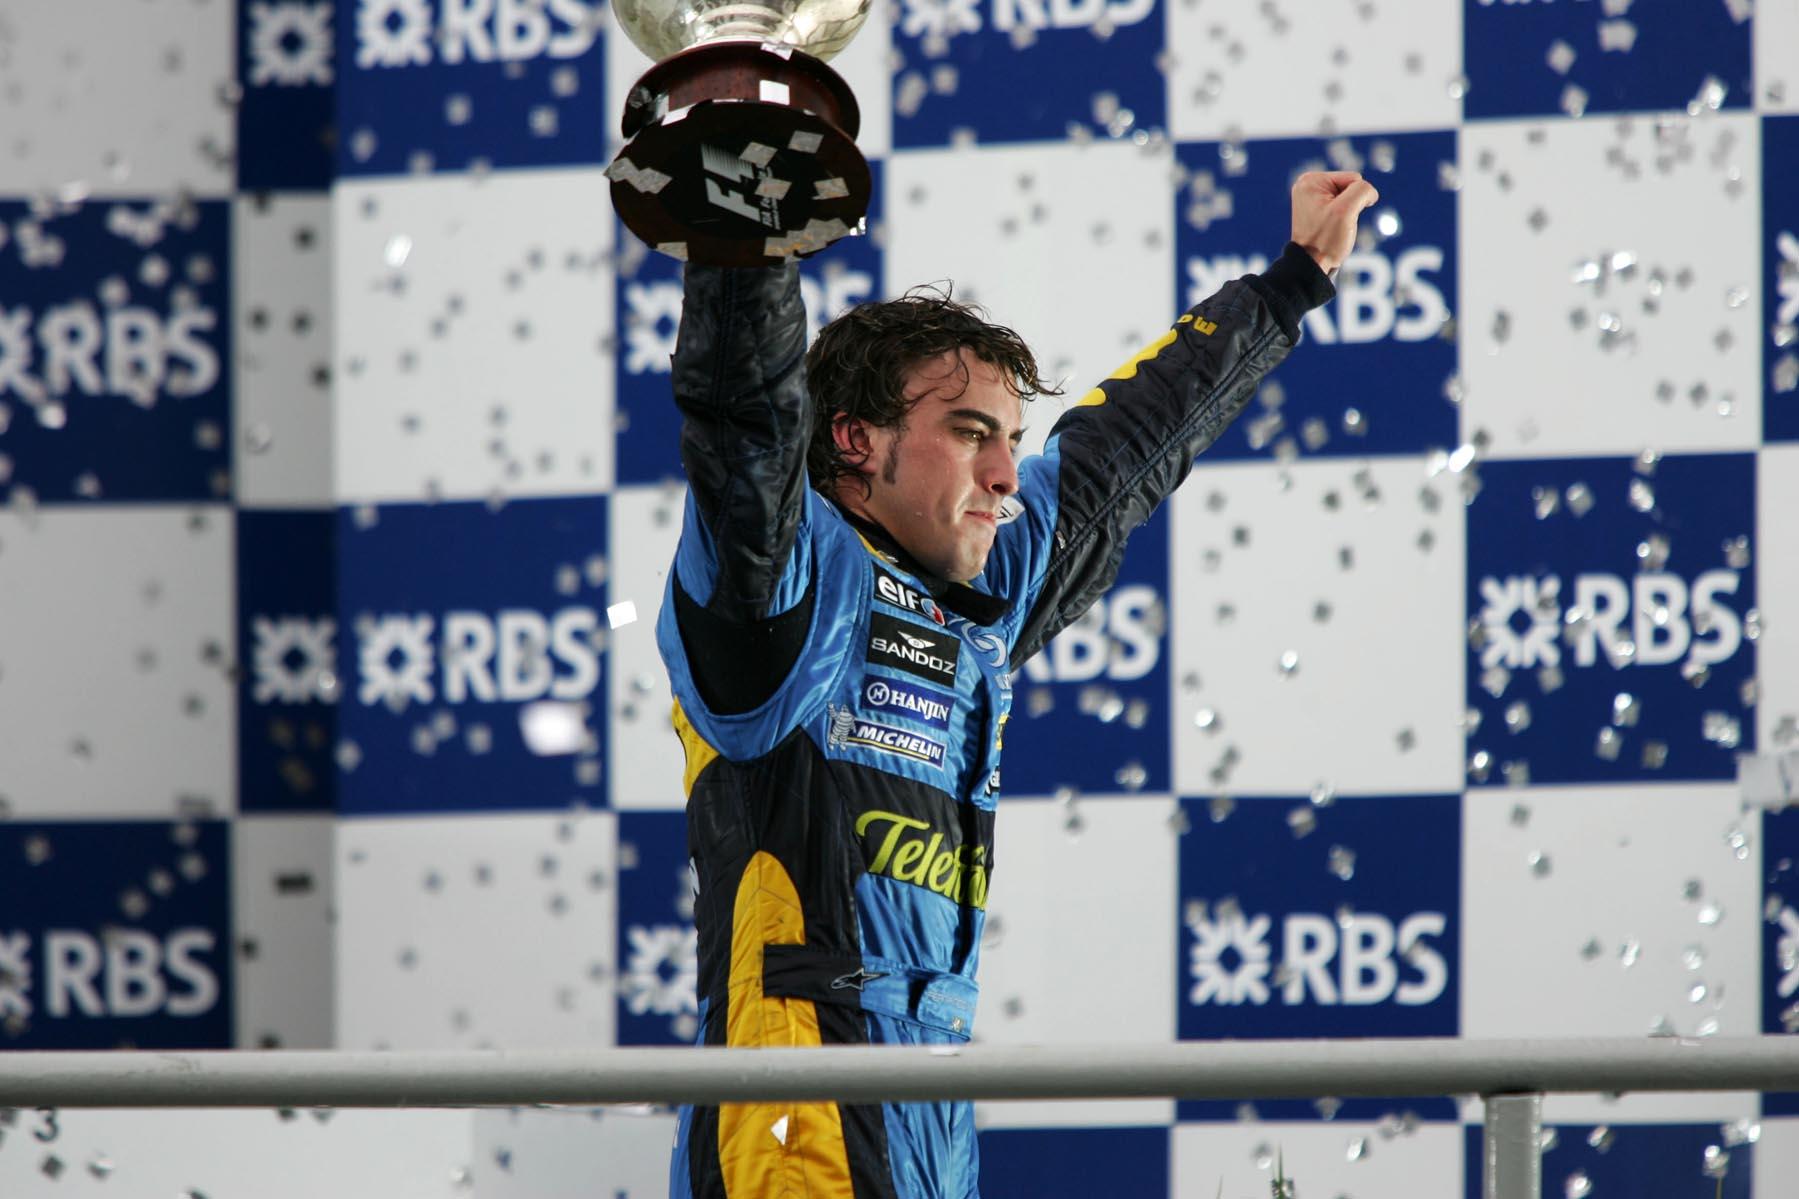 Ο Fernando Alonso επιστρέφει στην Formula 1 και στη Renault! »